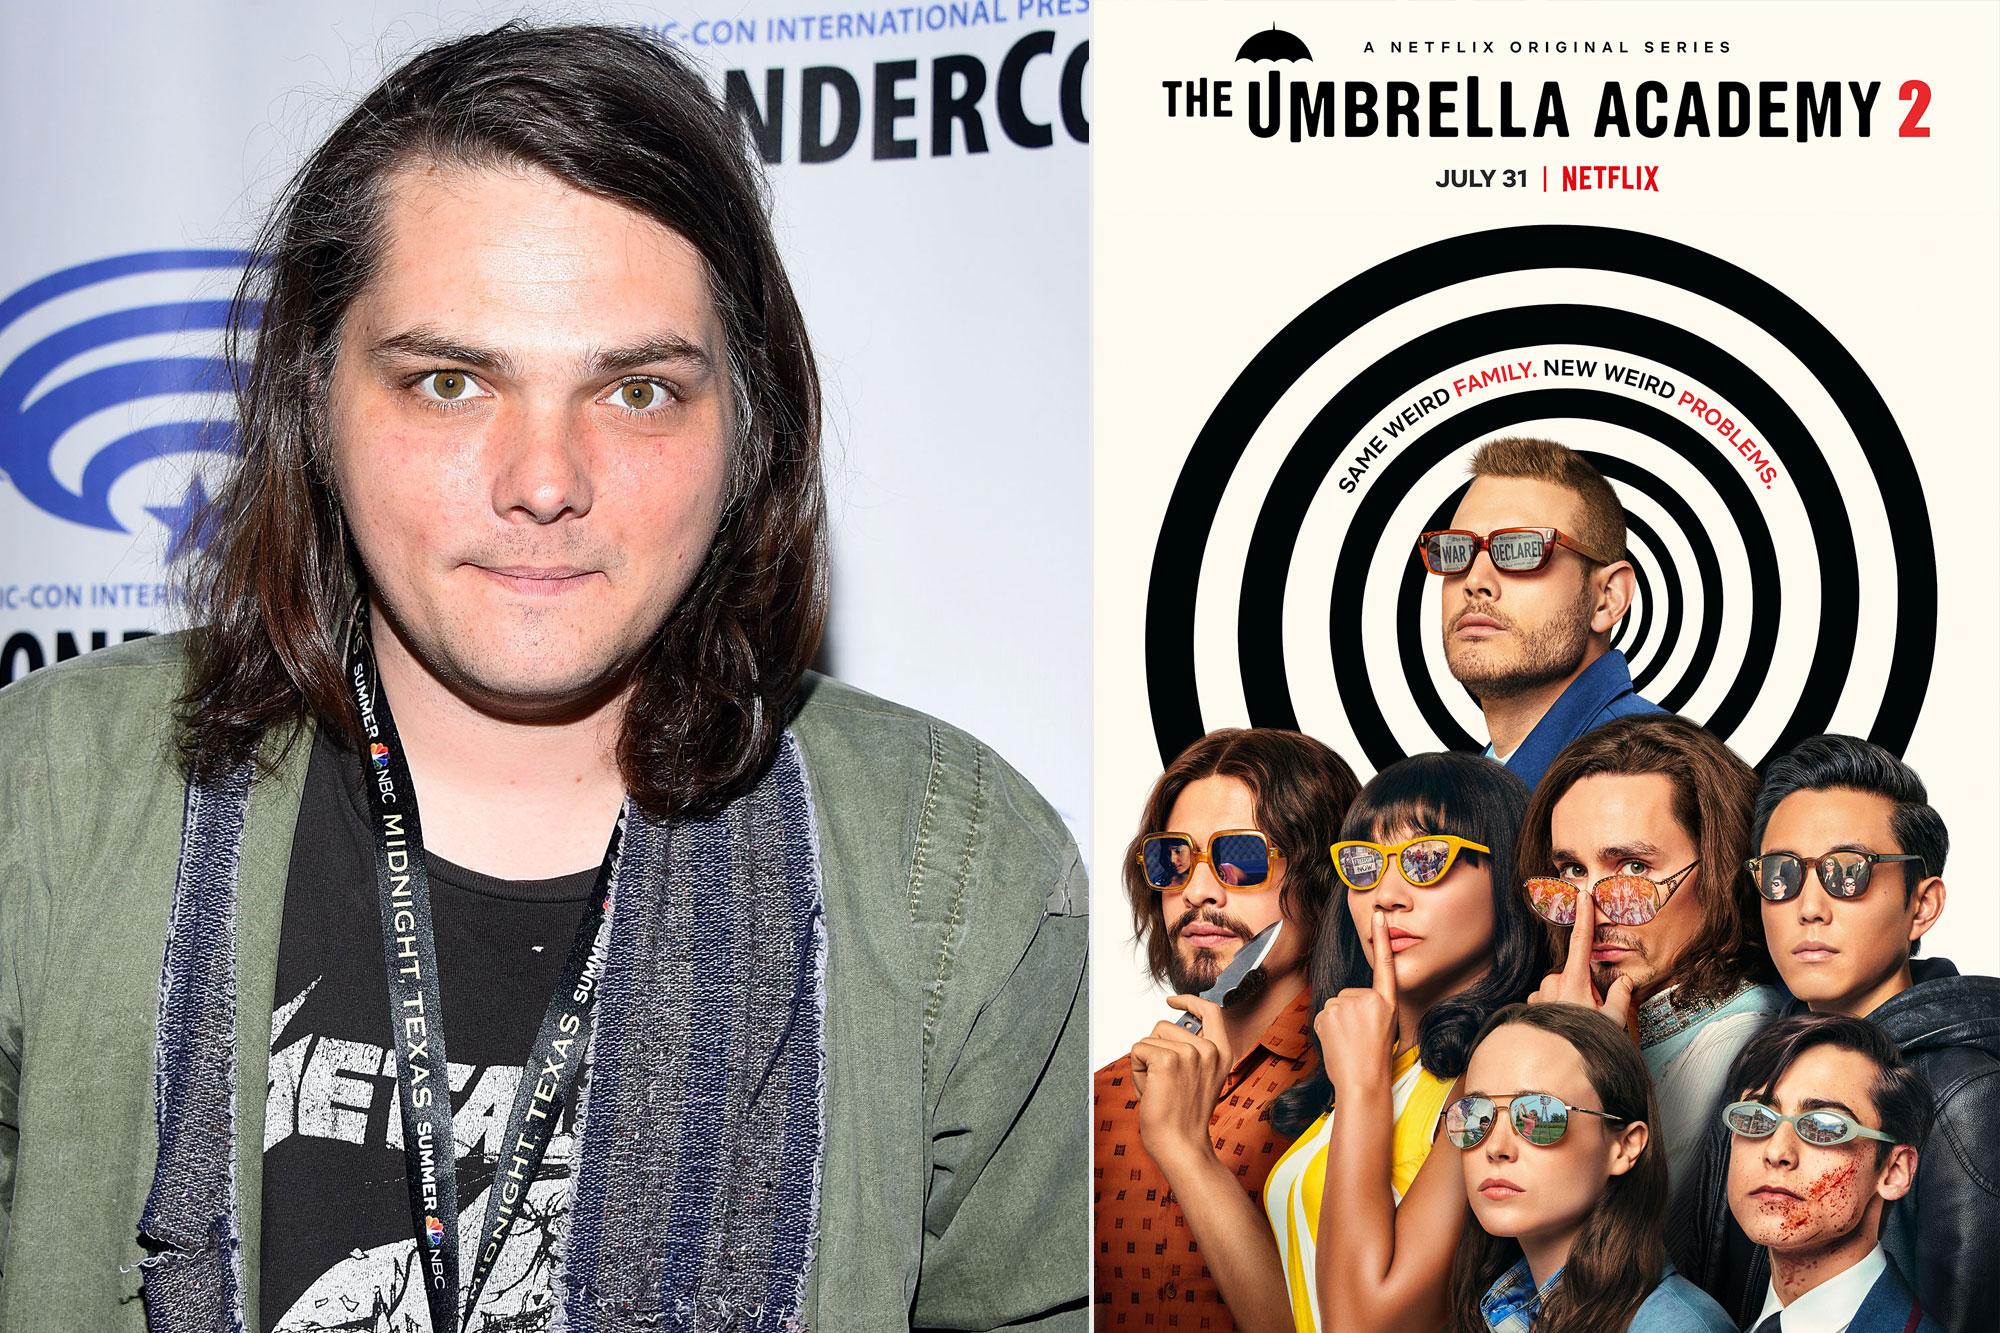 Gerard Way; Umbrella Academy